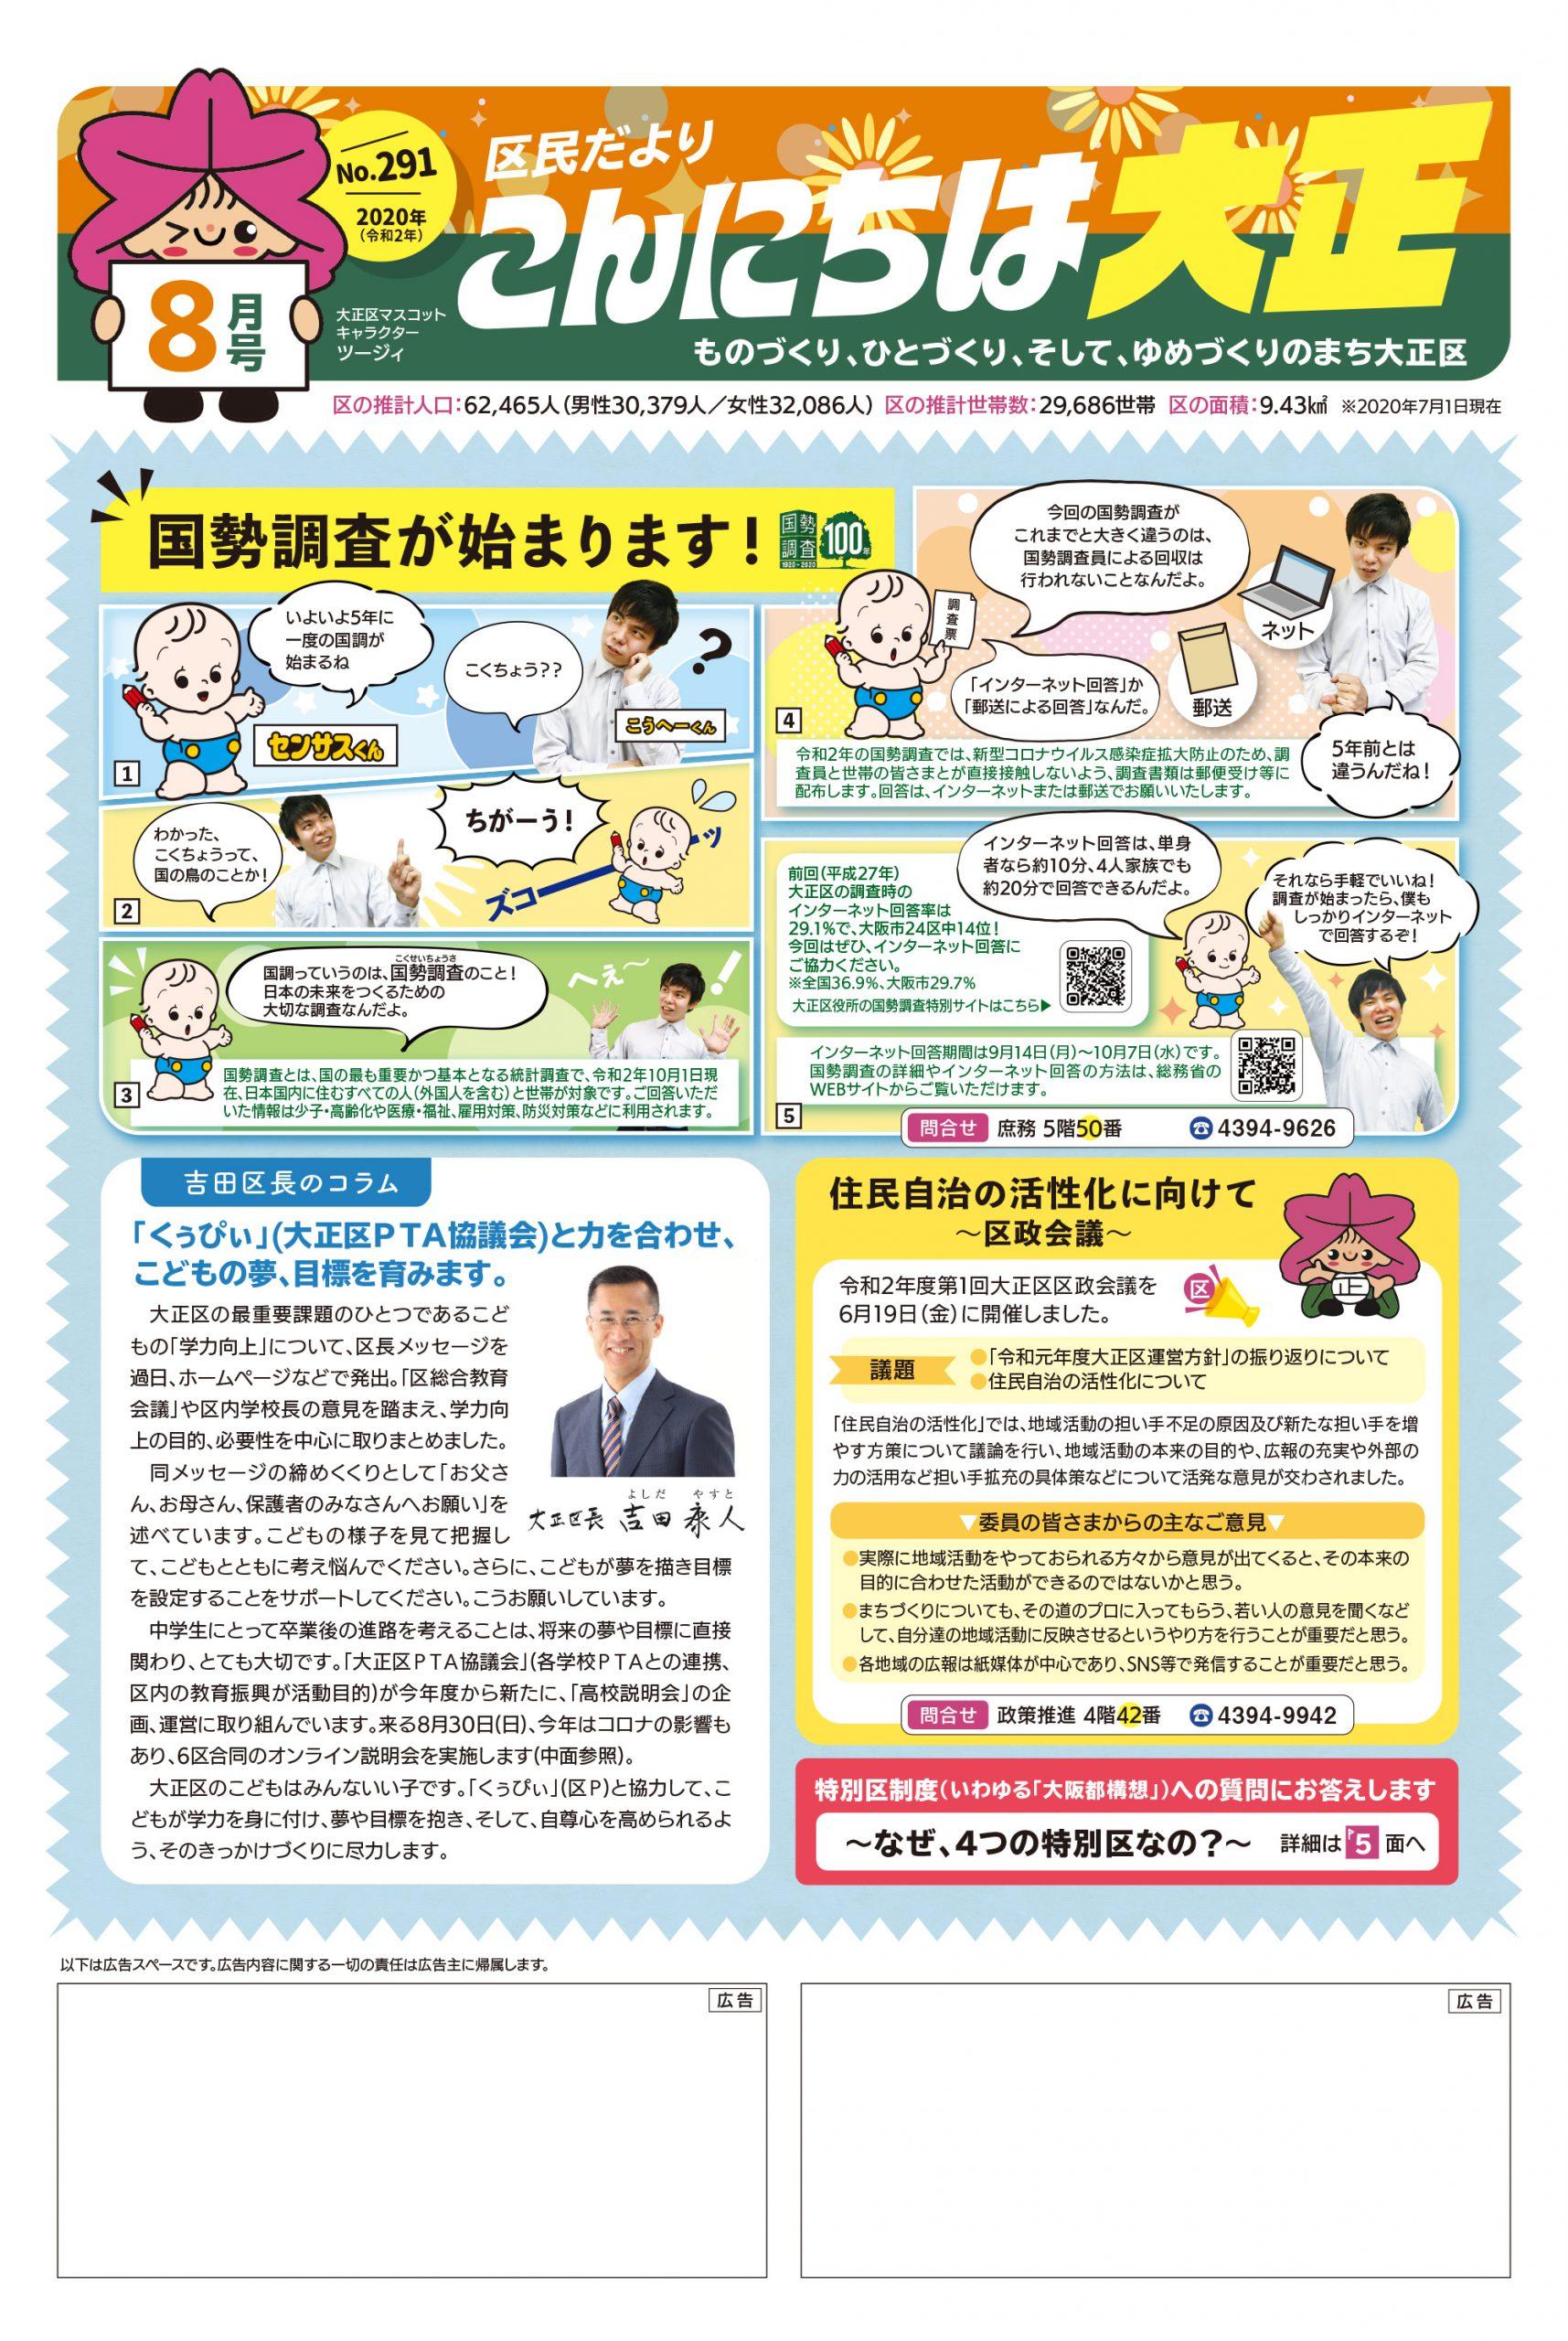 こんにちは大正8月号|2020.8 国勢調査が始まります!(大阪市大正区)